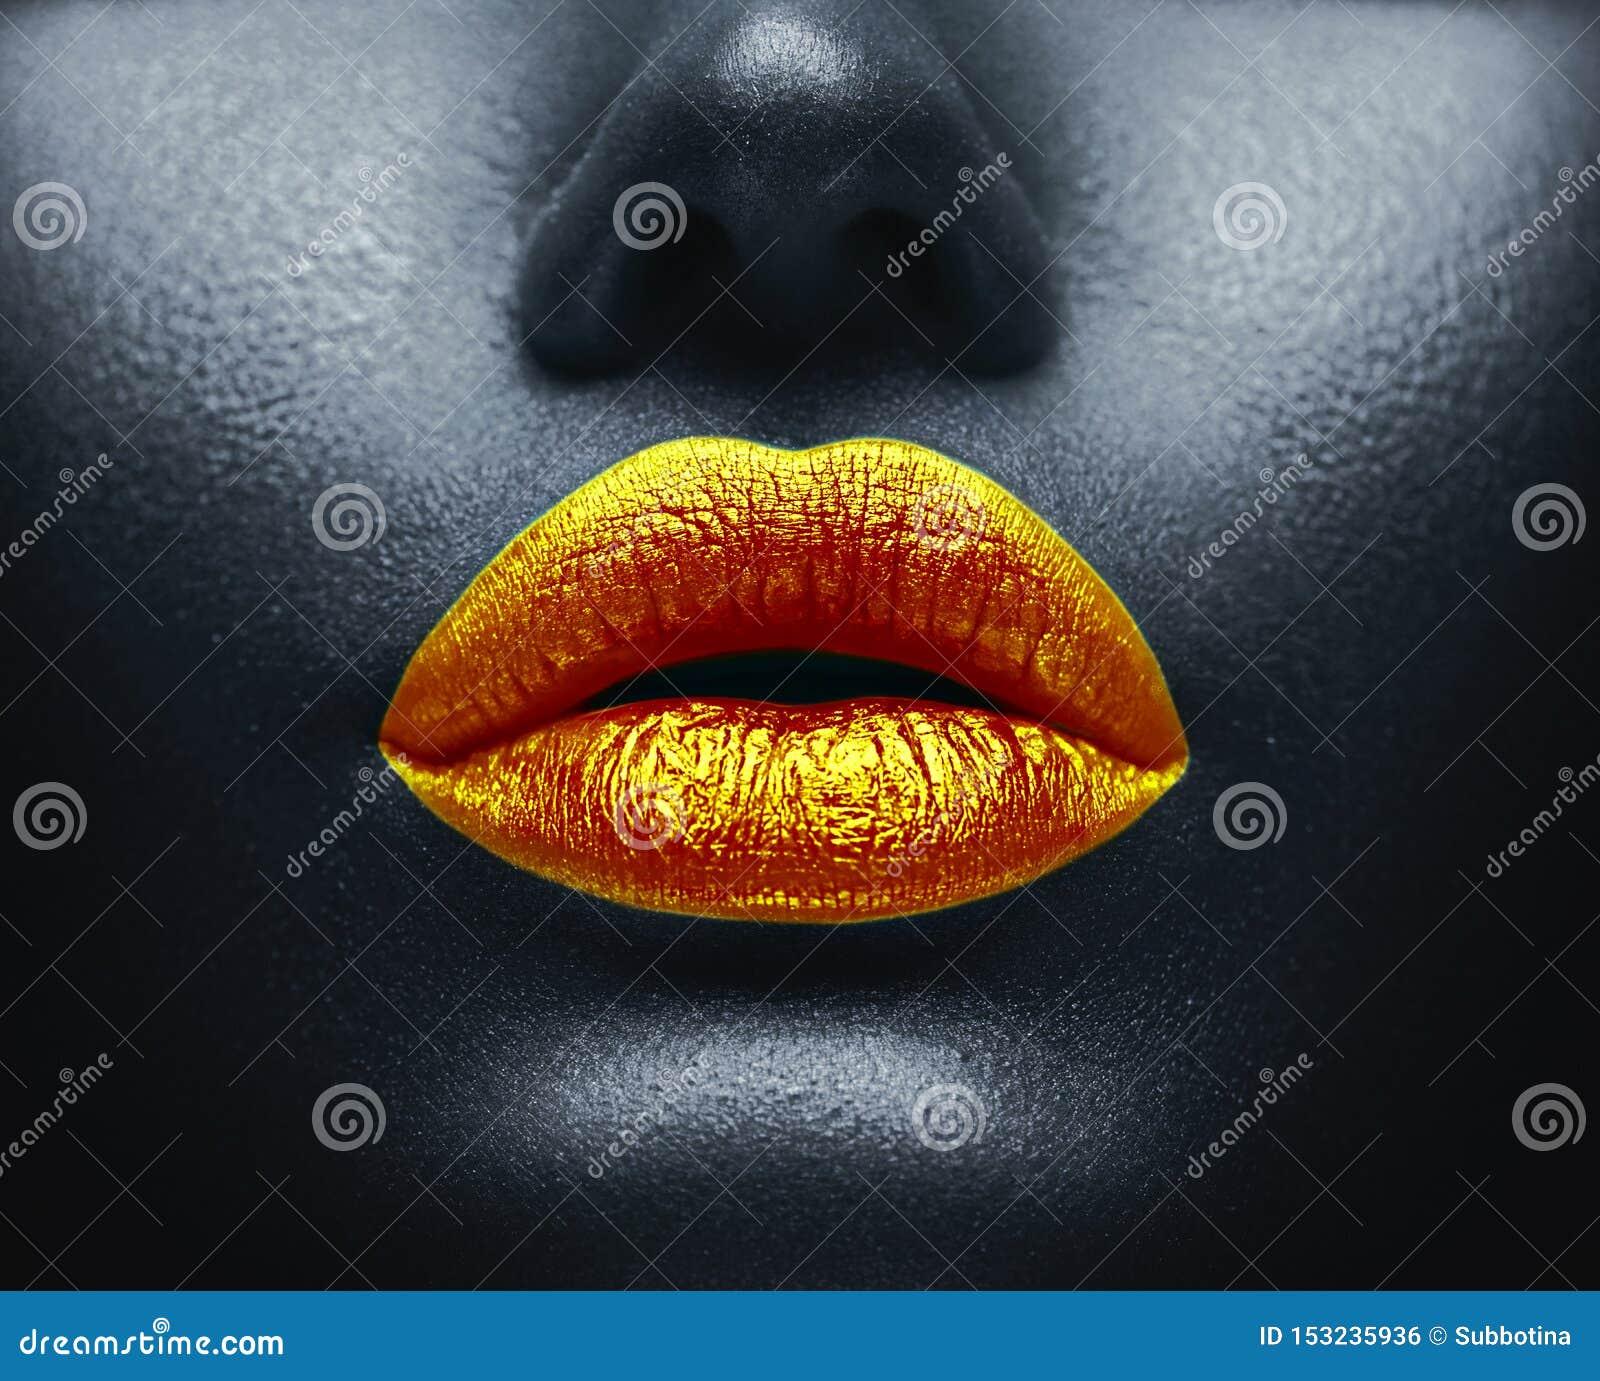 Kreatywnie kolorowy makeup Bodyart, lipgloss na seksownych wargach, dziewczyny usta Złote wargi na czarnej skórze